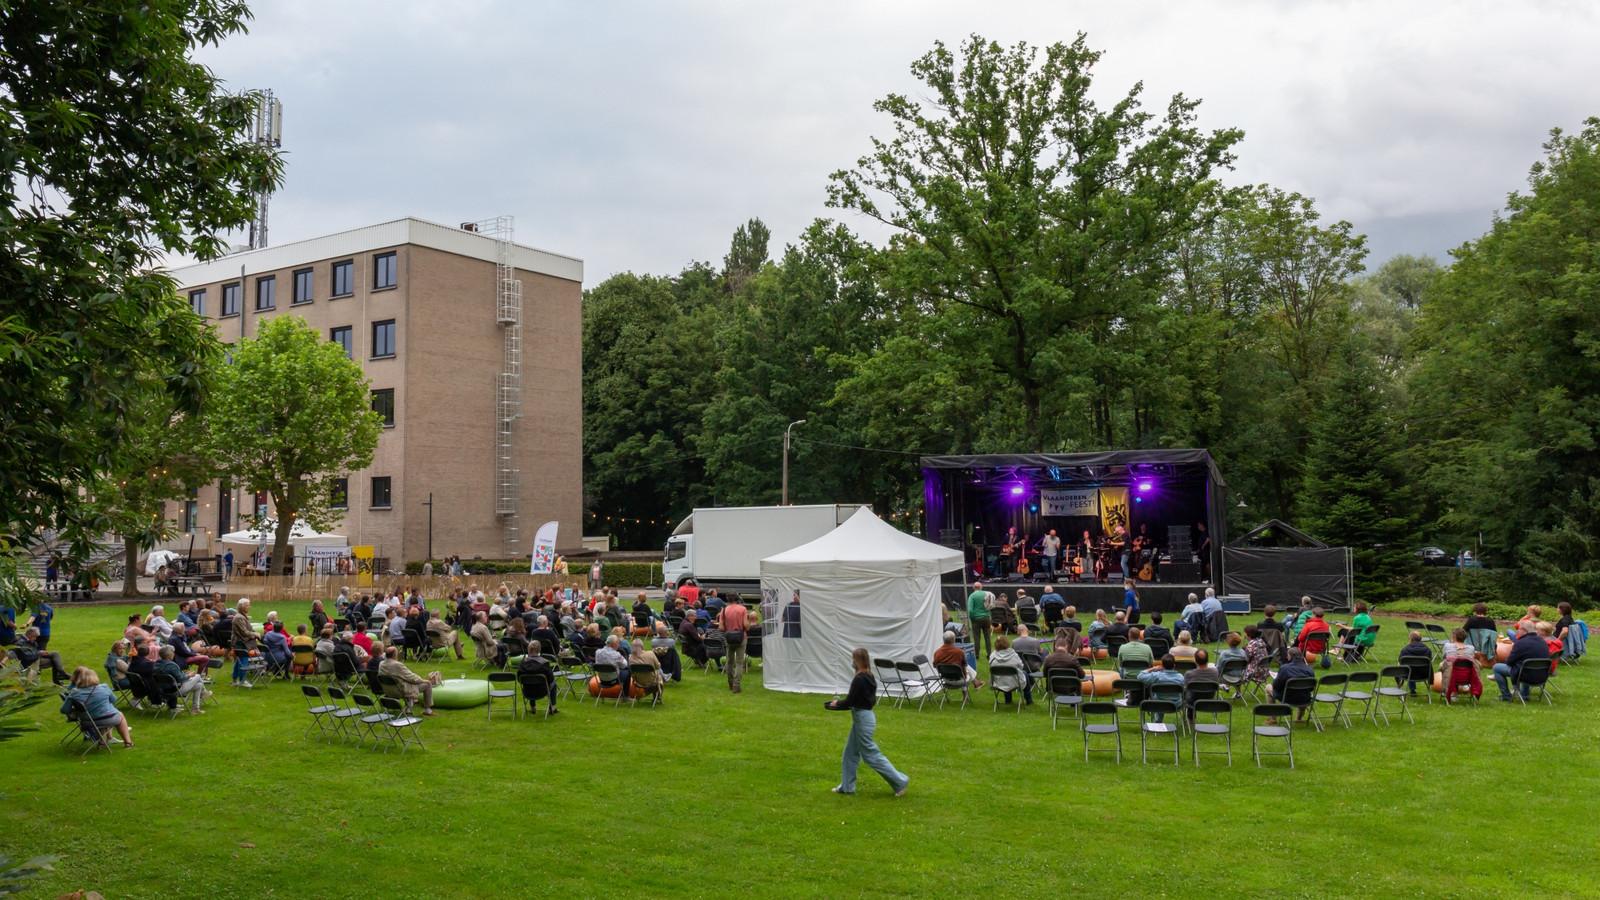 Zo'n 300 mensen genoten ondanks het wisselvallige weer van een optreden van De Flandriens.